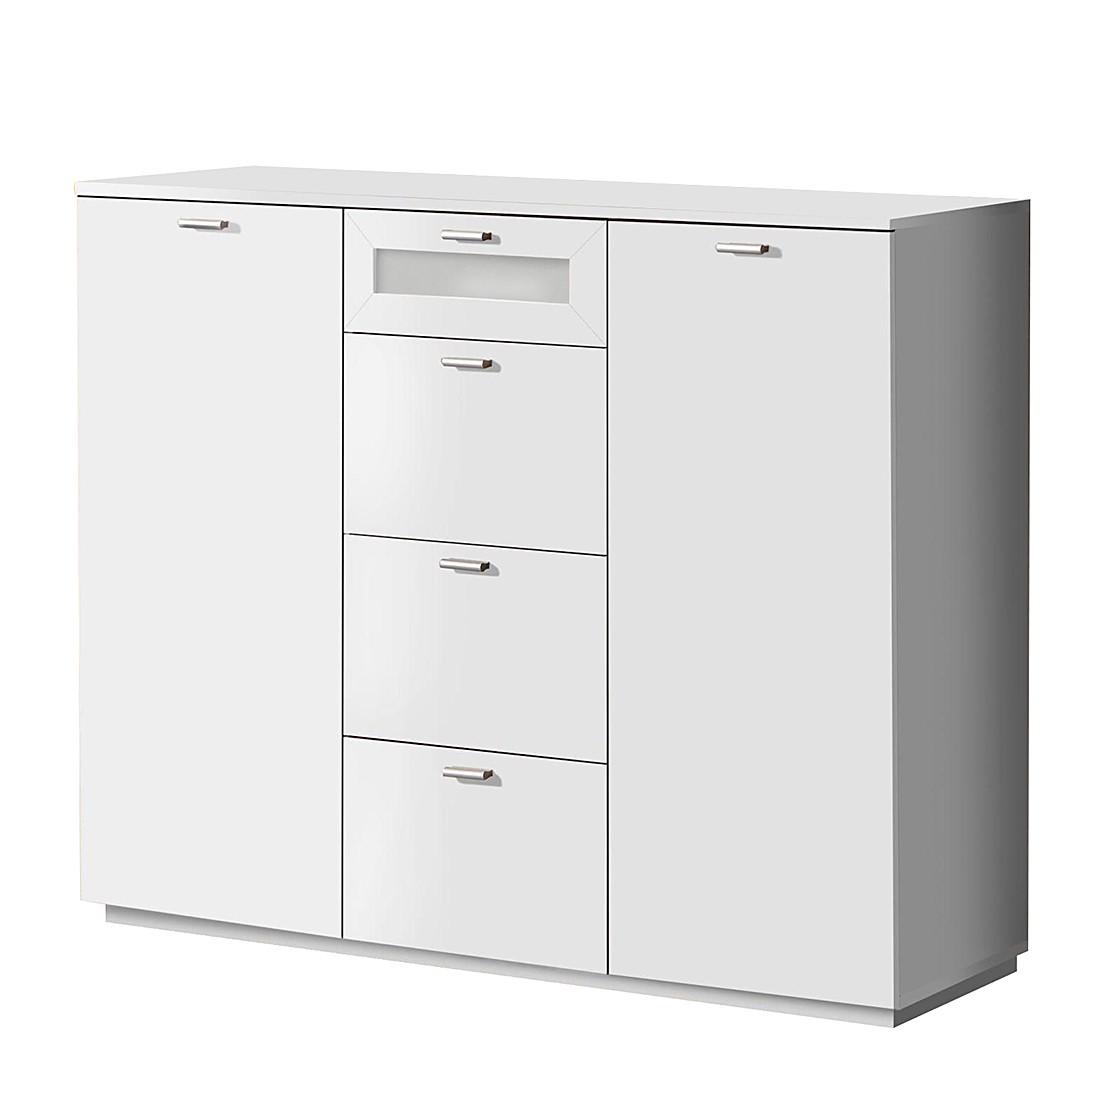 Kommode Capo III – Weiß, mooved günstig online kaufen